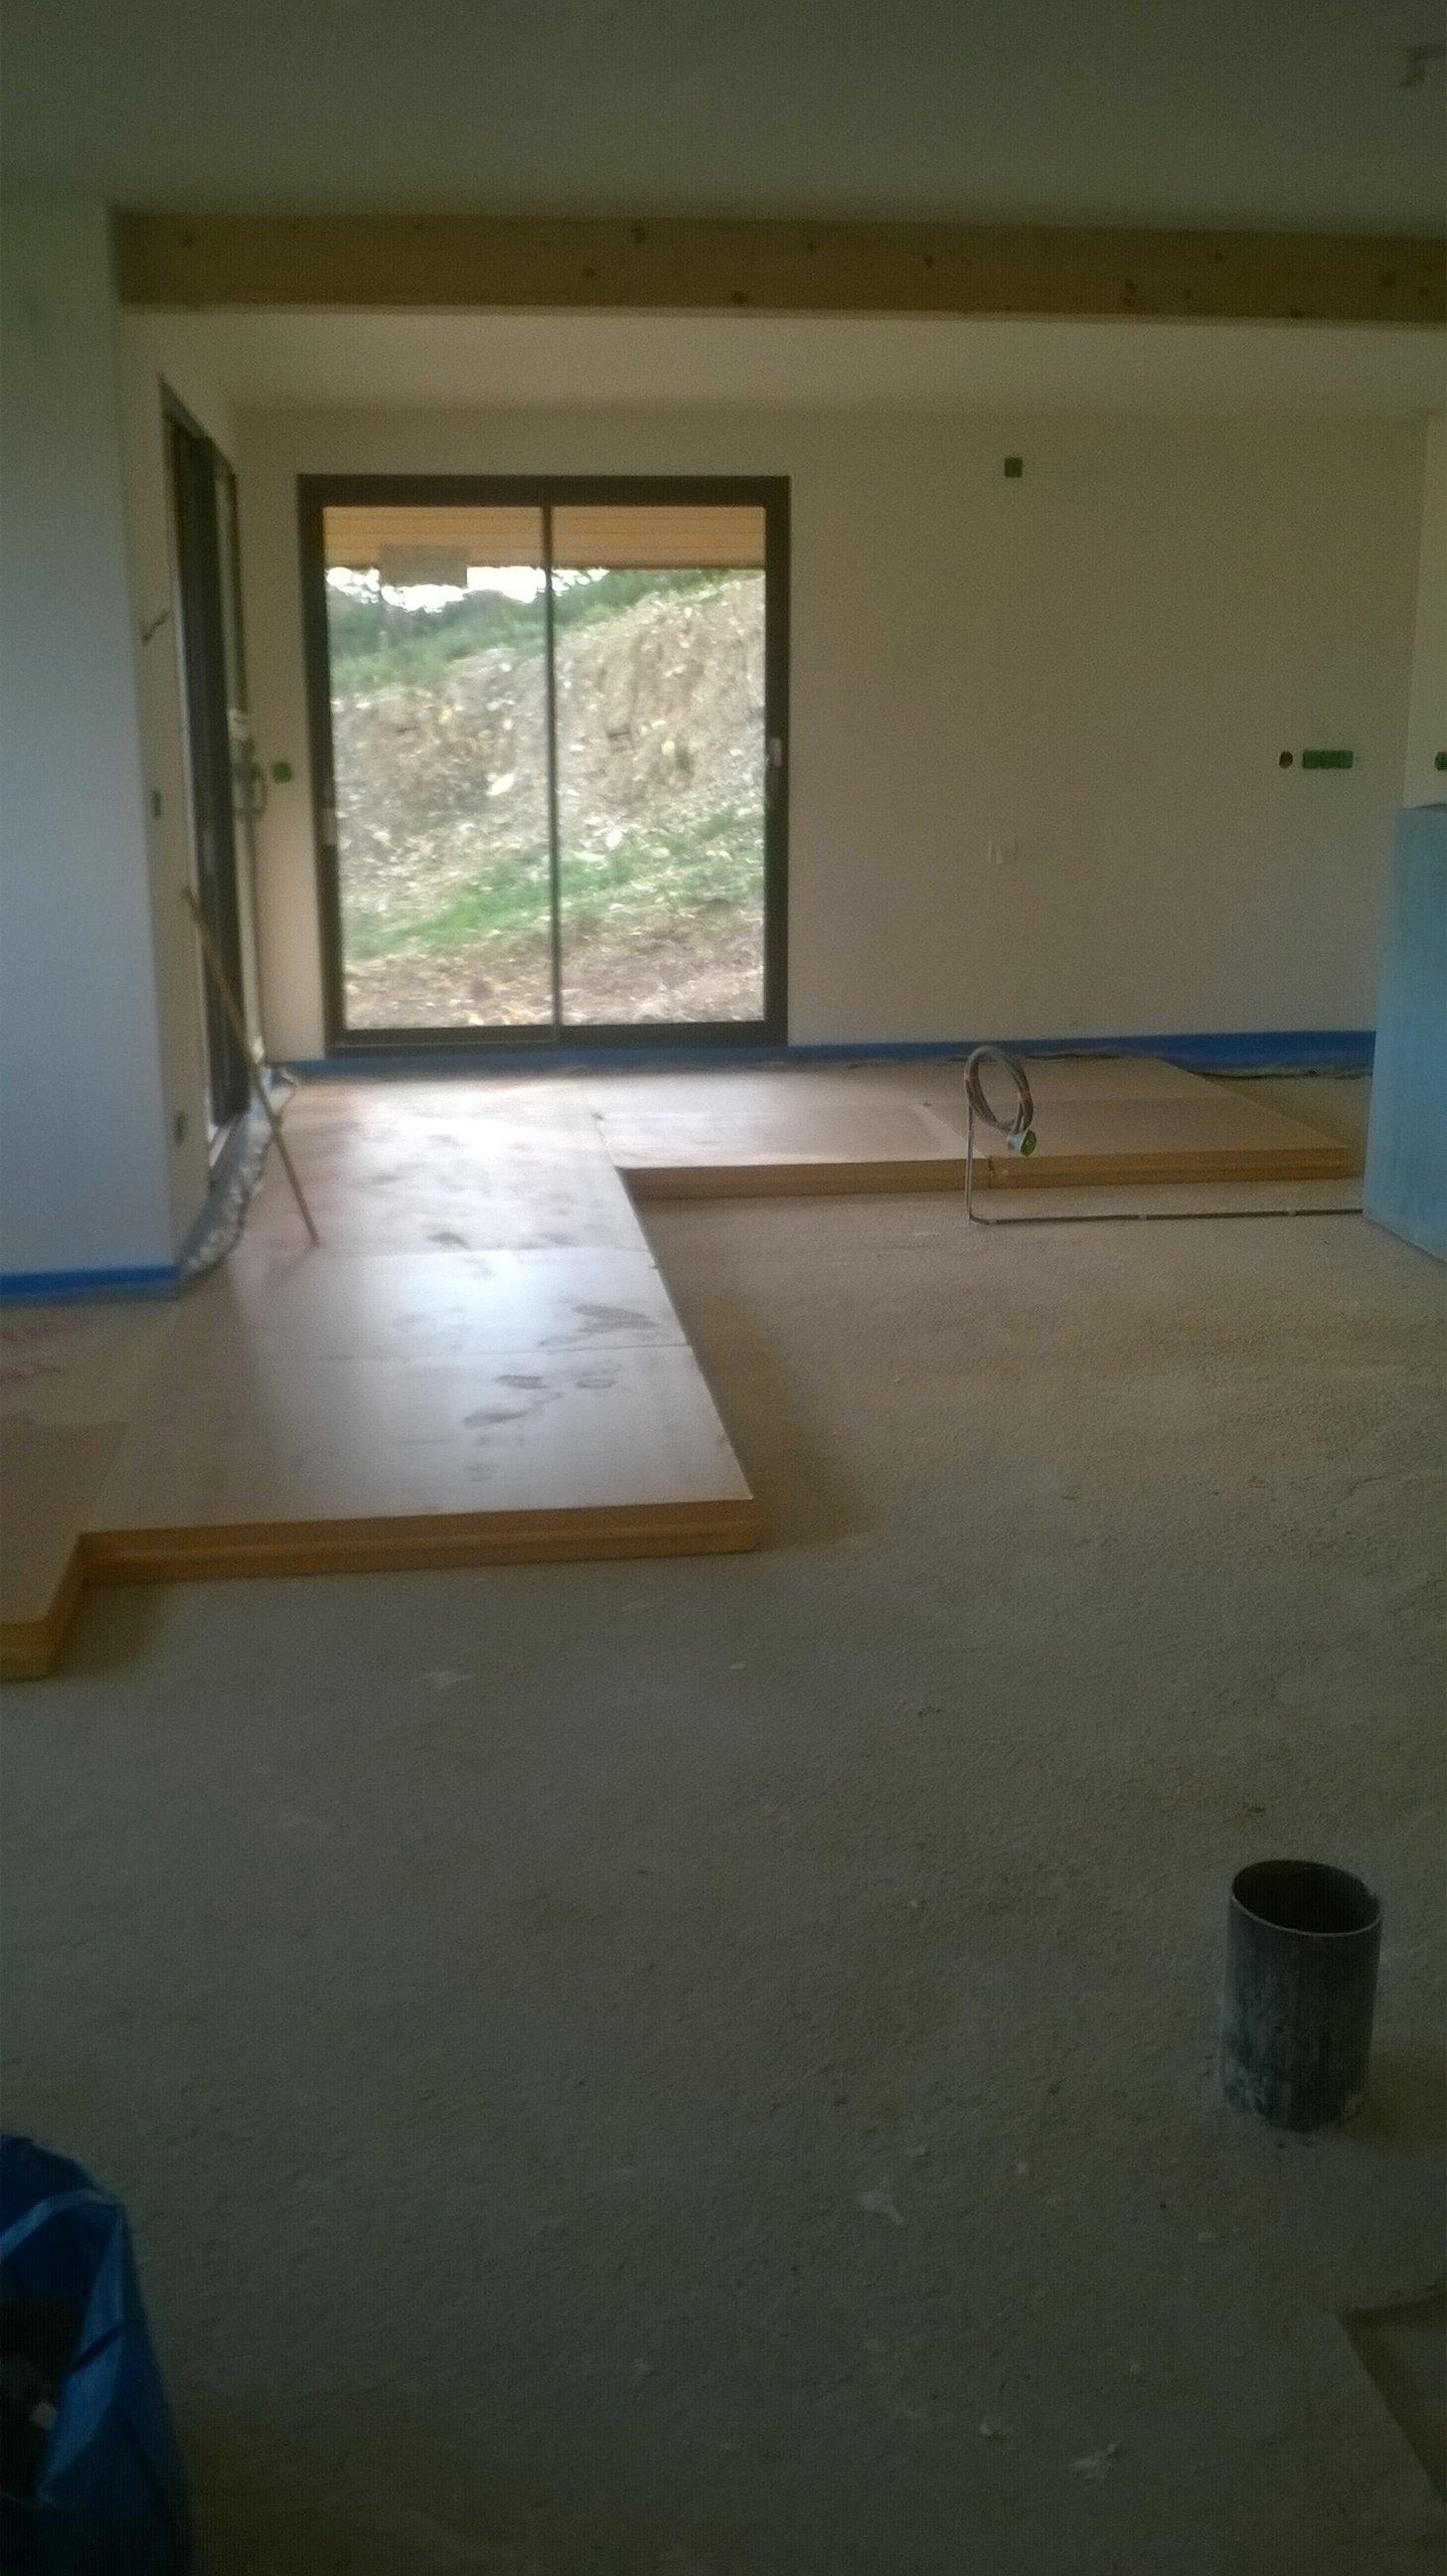 Construction ossature bois maison essenciel 16 plomberie for Mise en chauffe plancher chauffant avant carrelage